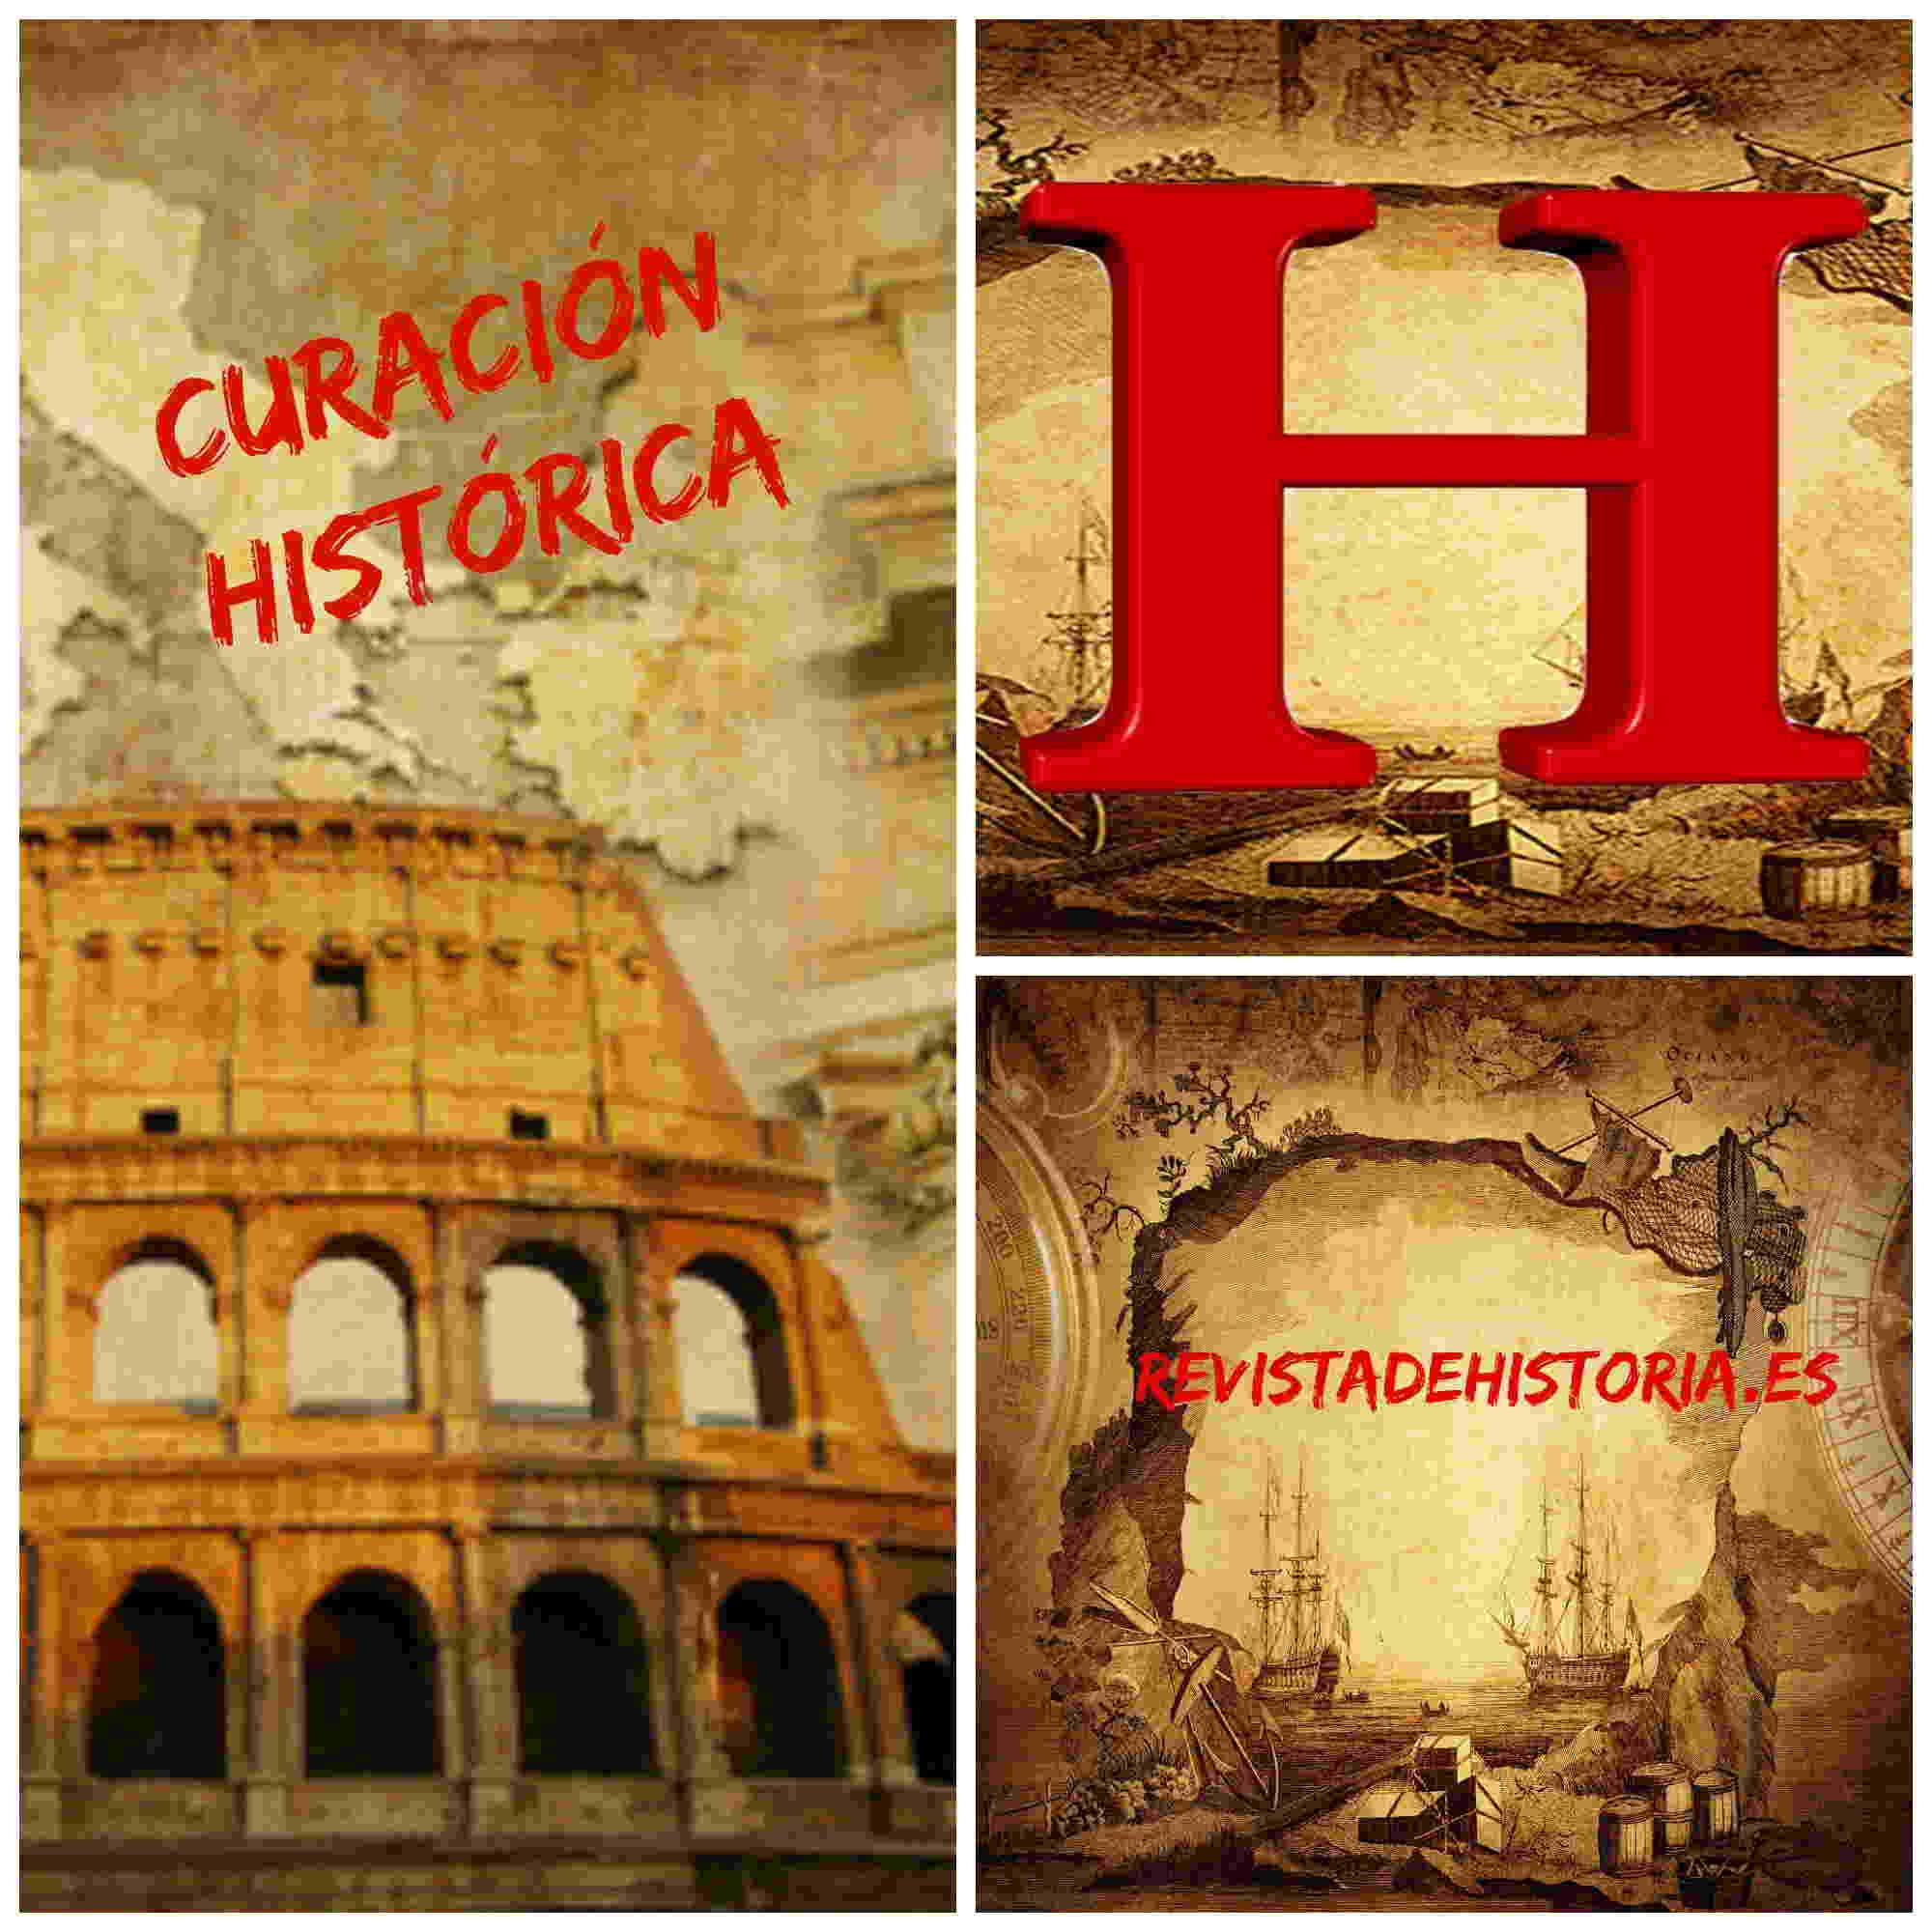 Curación de contenidos históricos 23 de Marzo 2016